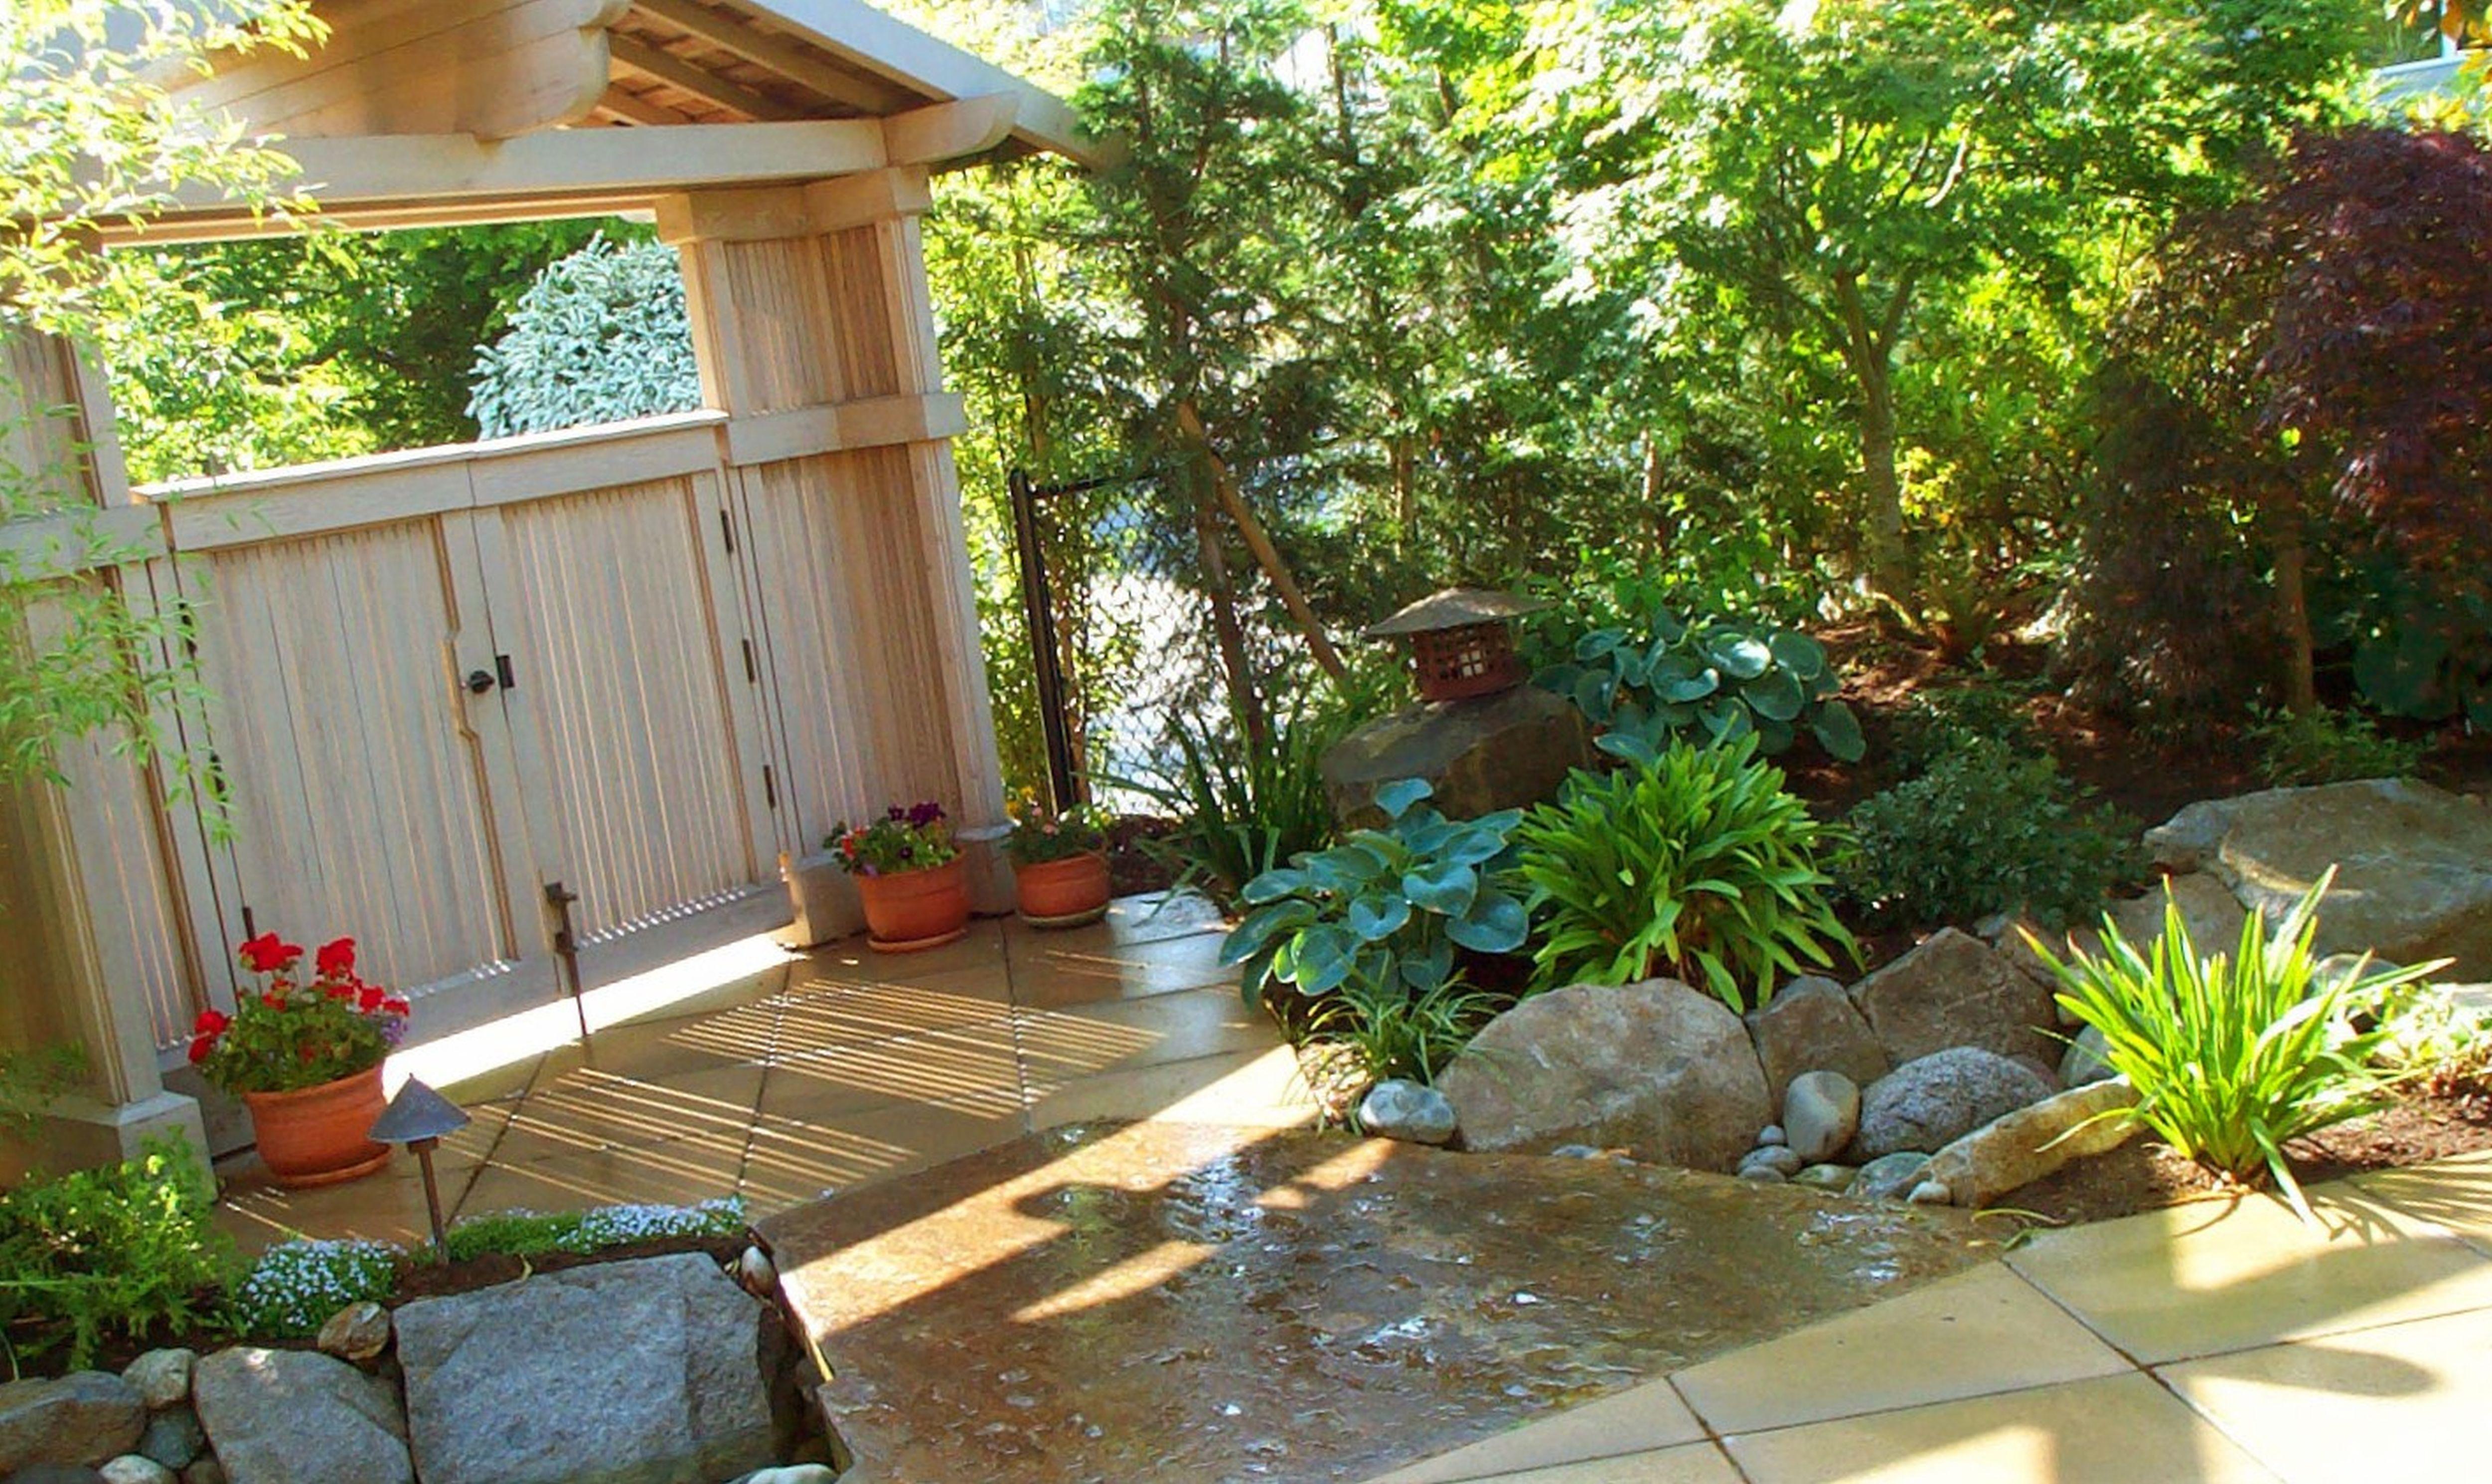 Garden design ideas patios | Hawk Haven